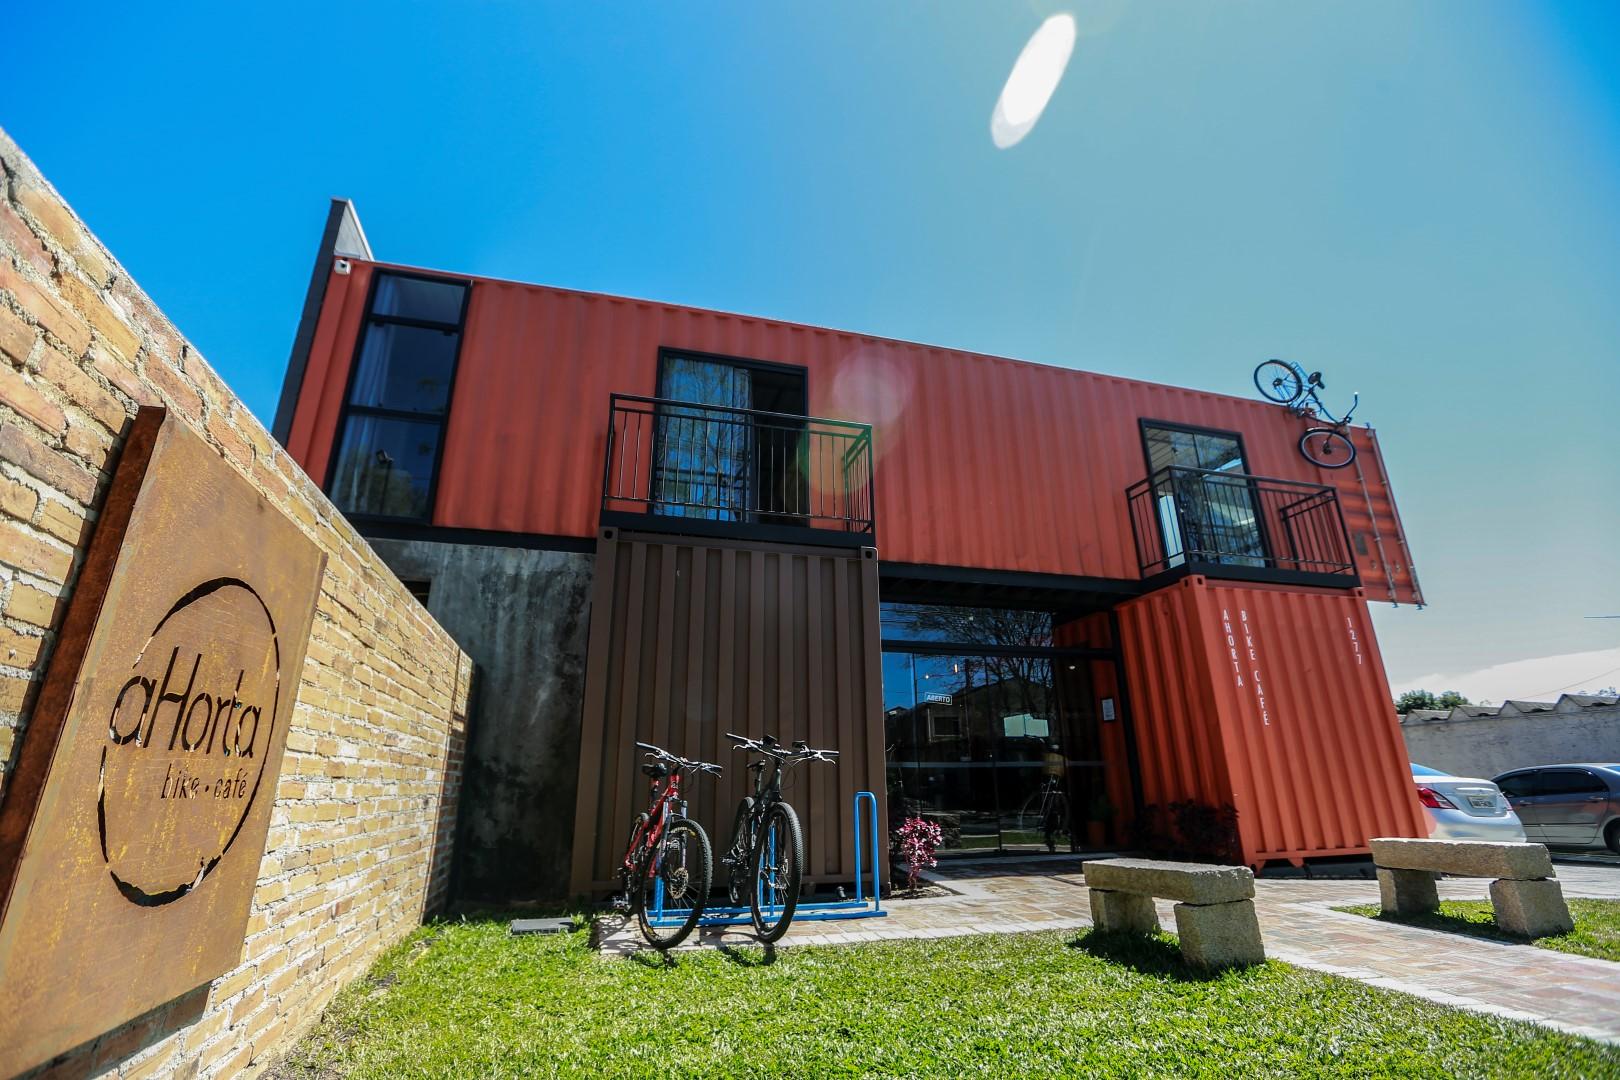 Projeto do A Horta Bike Café foi todo realizado em contêineres. Foto: Jonathan Campos / Gazeta do Povo